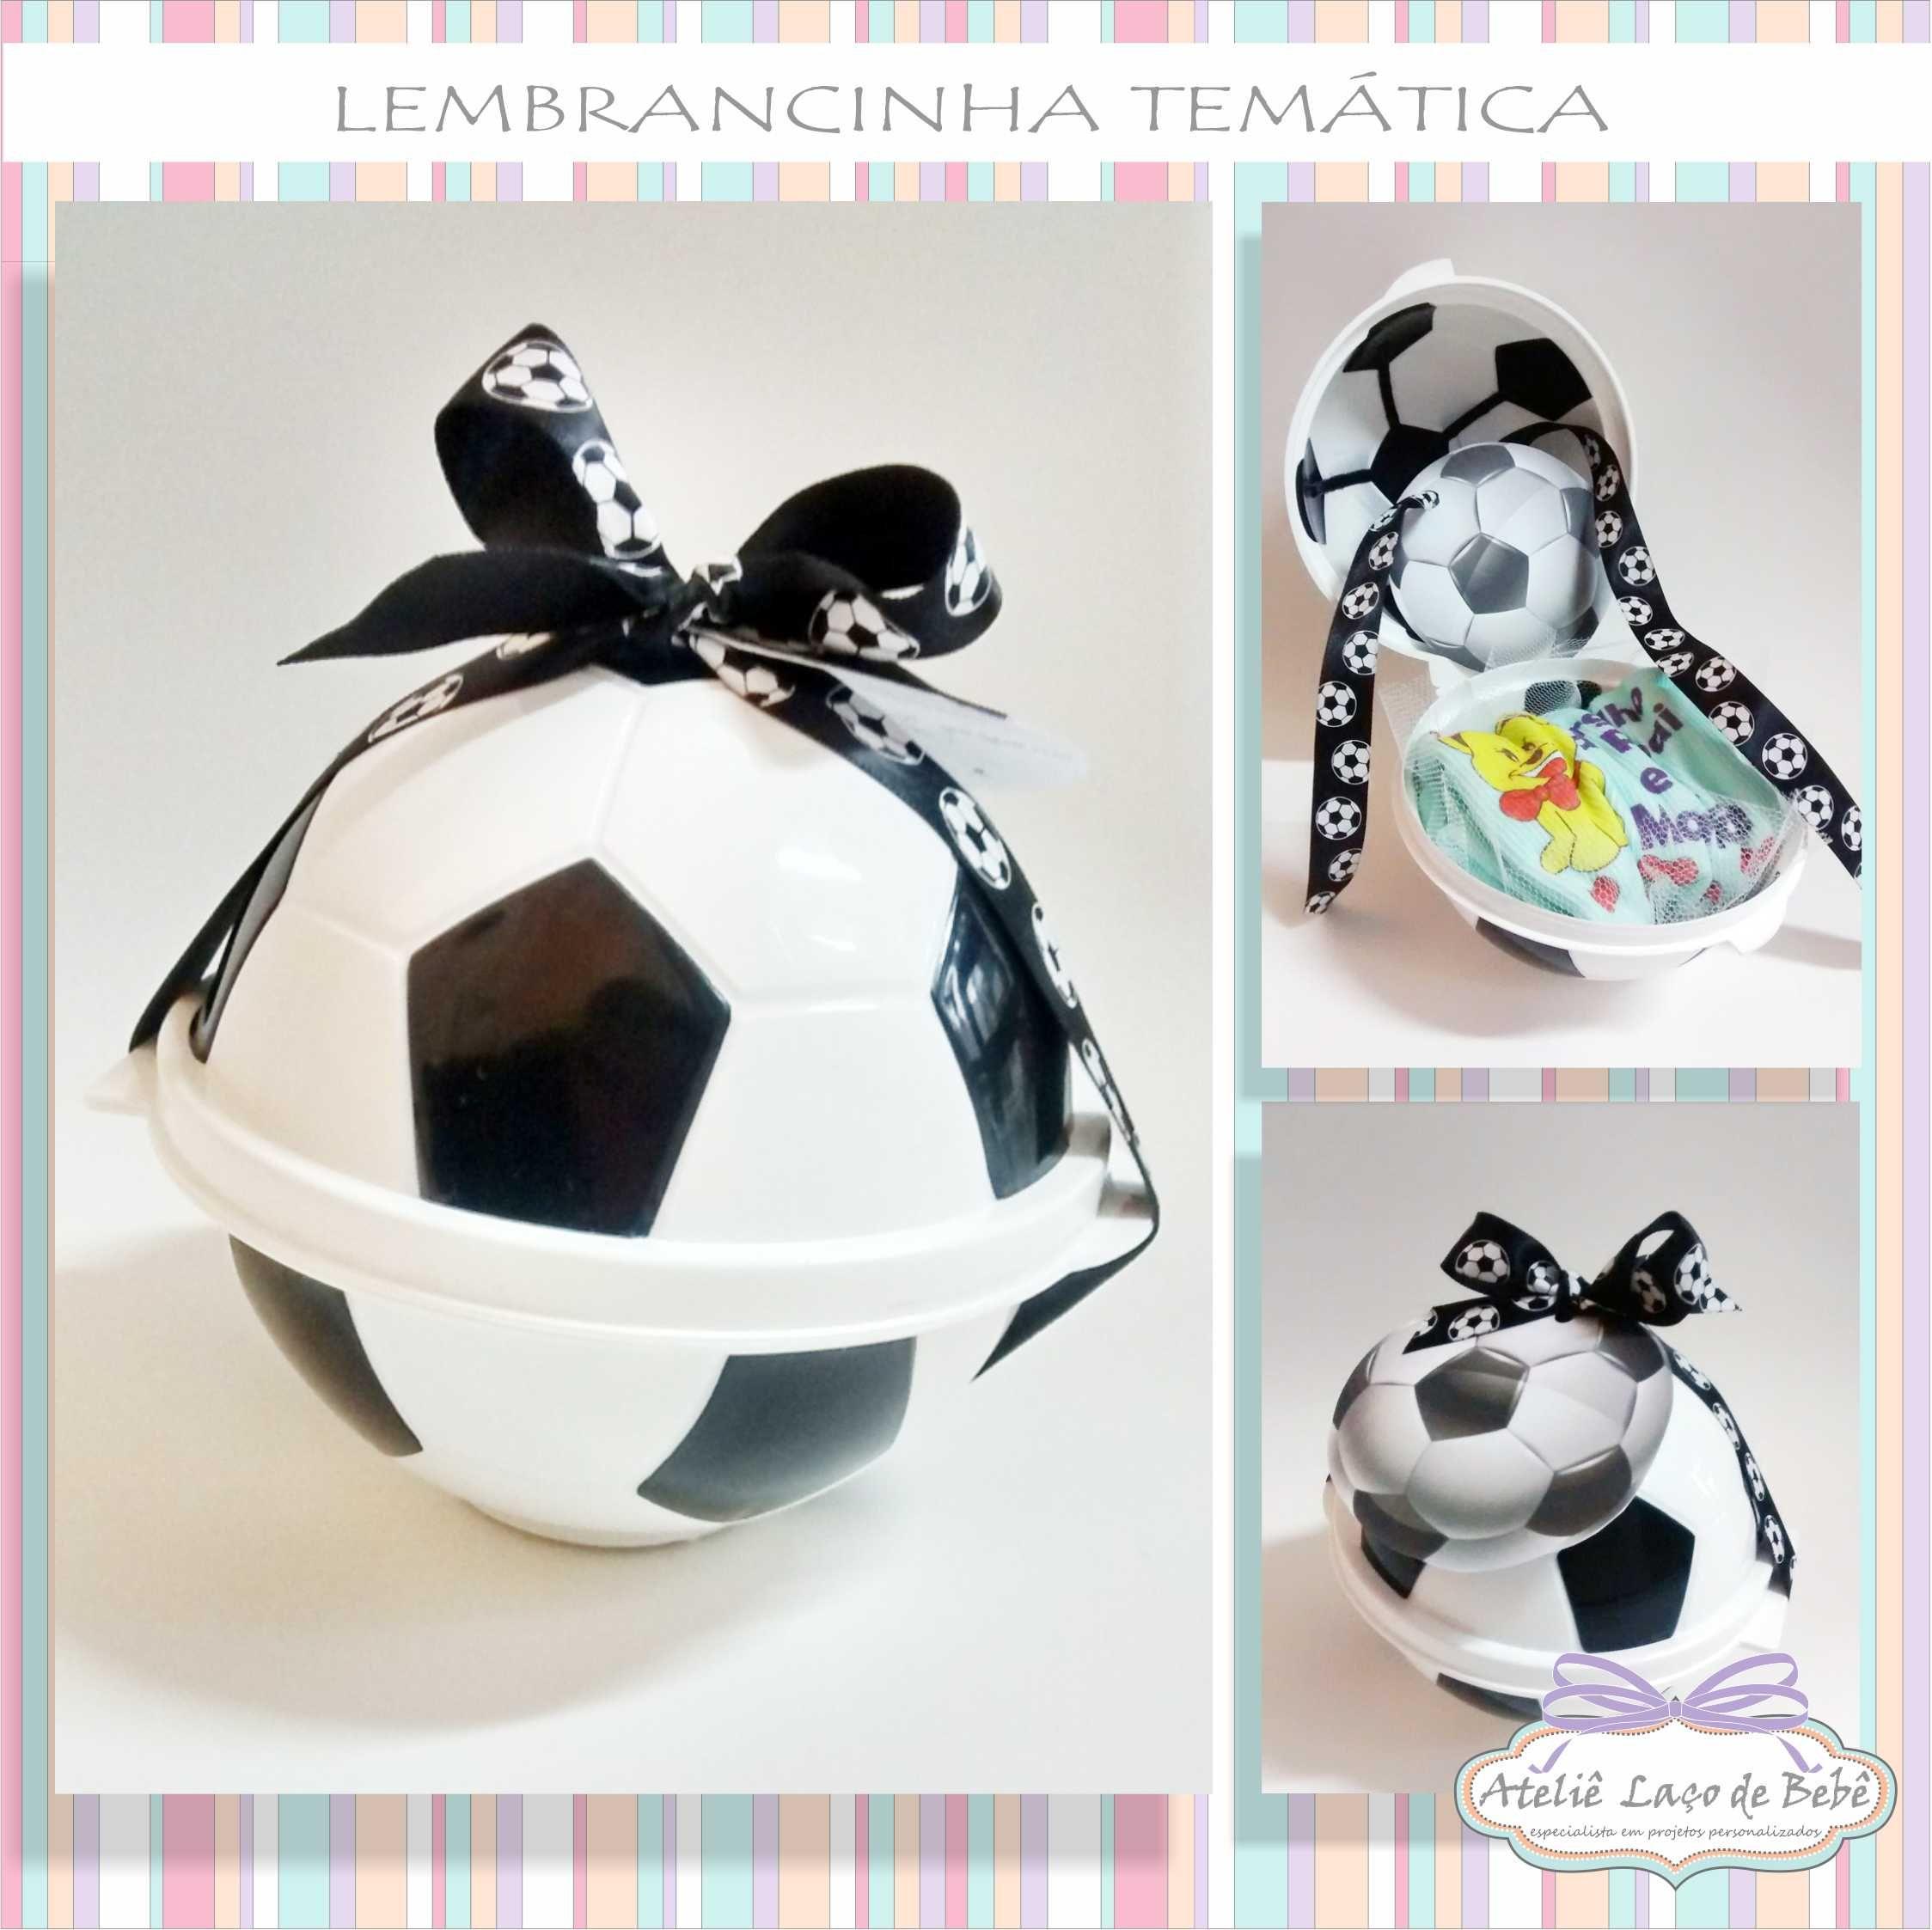 585caf01c LEMBRANCINHA TEMÁTICA- FESTINHA TEMA FUTEBOL Embalagem de bola de futebol  com uma delicada camisetinha infantil para os pequenos e finalizada com um  laço e ...